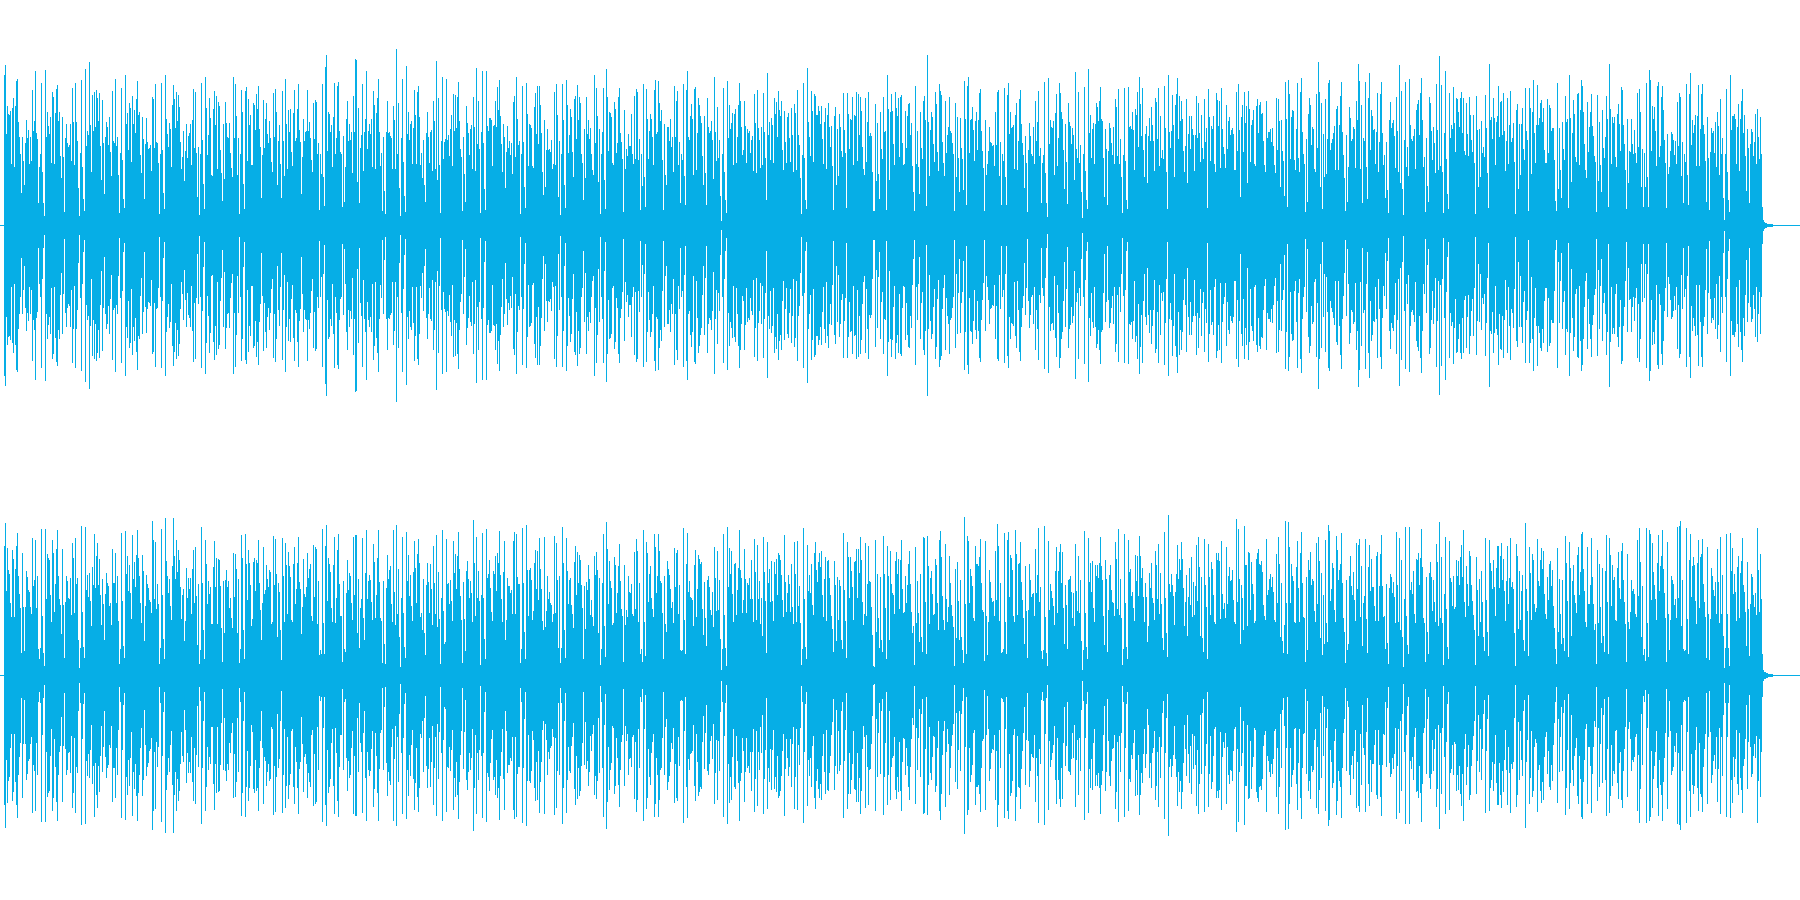 楽しげでコミカルなシンセサイザーサウンドの再生済みの波形